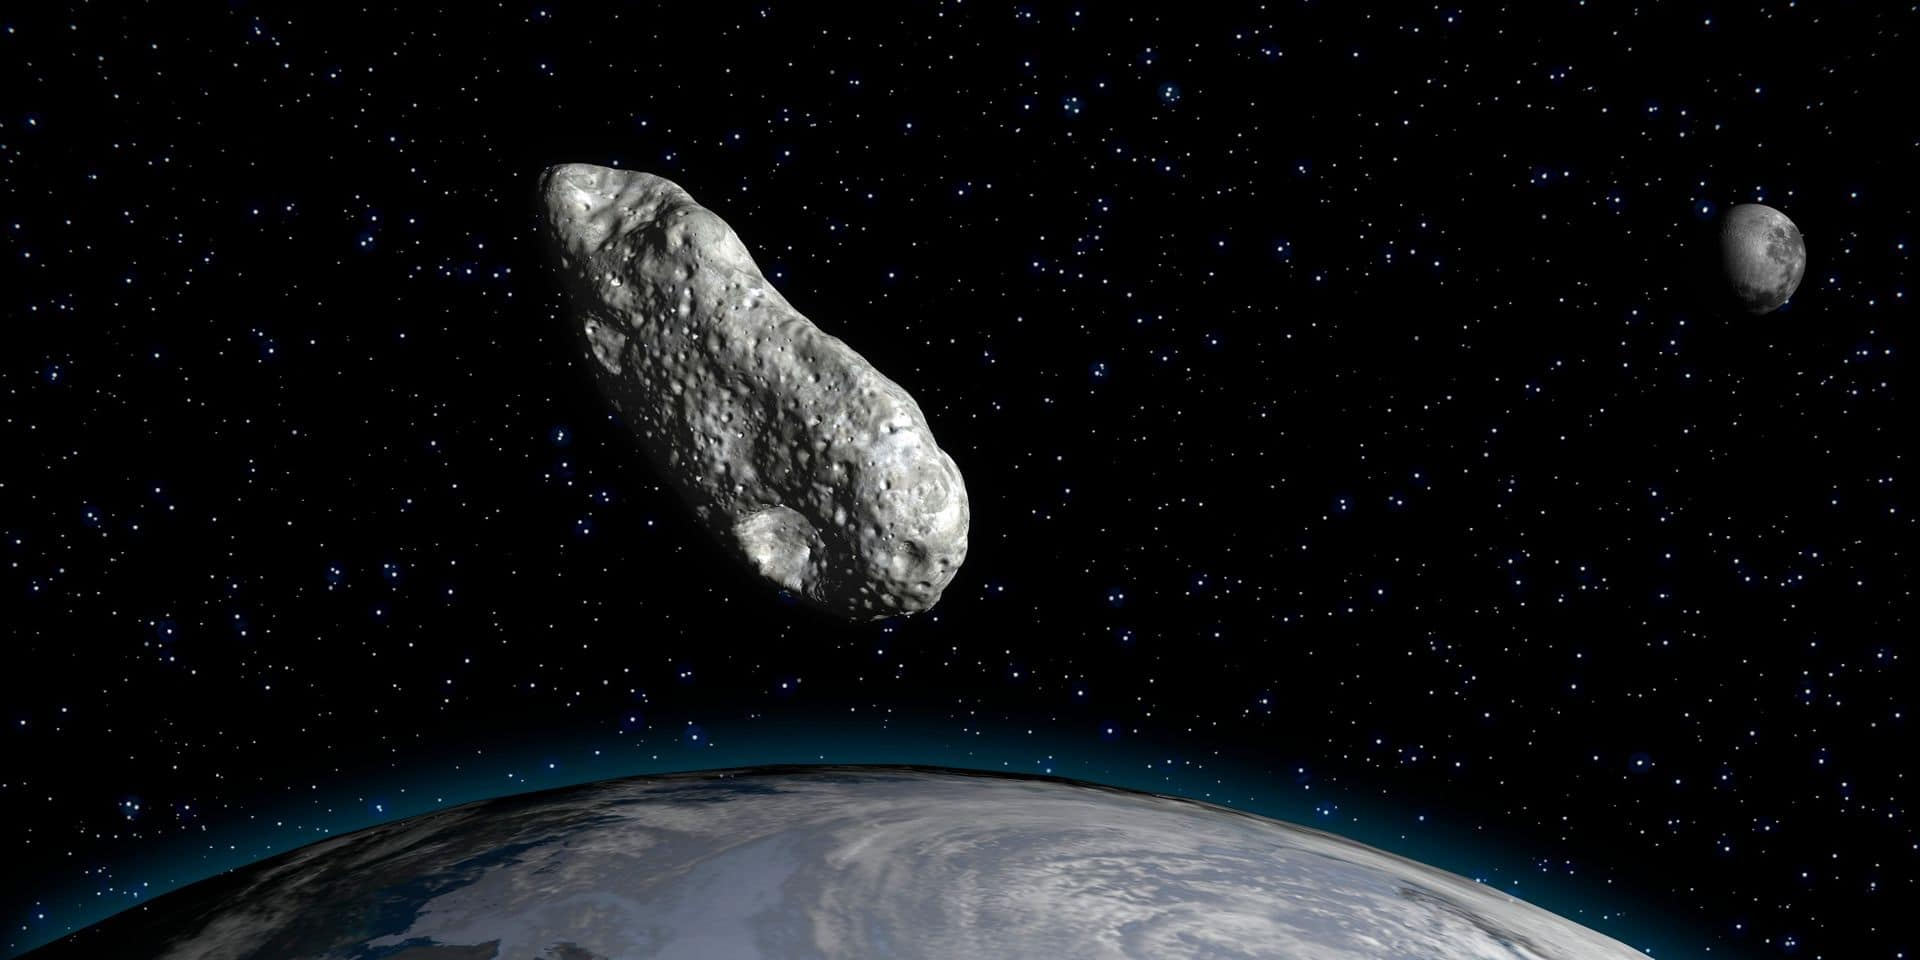 Un astéroïde va frôler la Terre jeudi